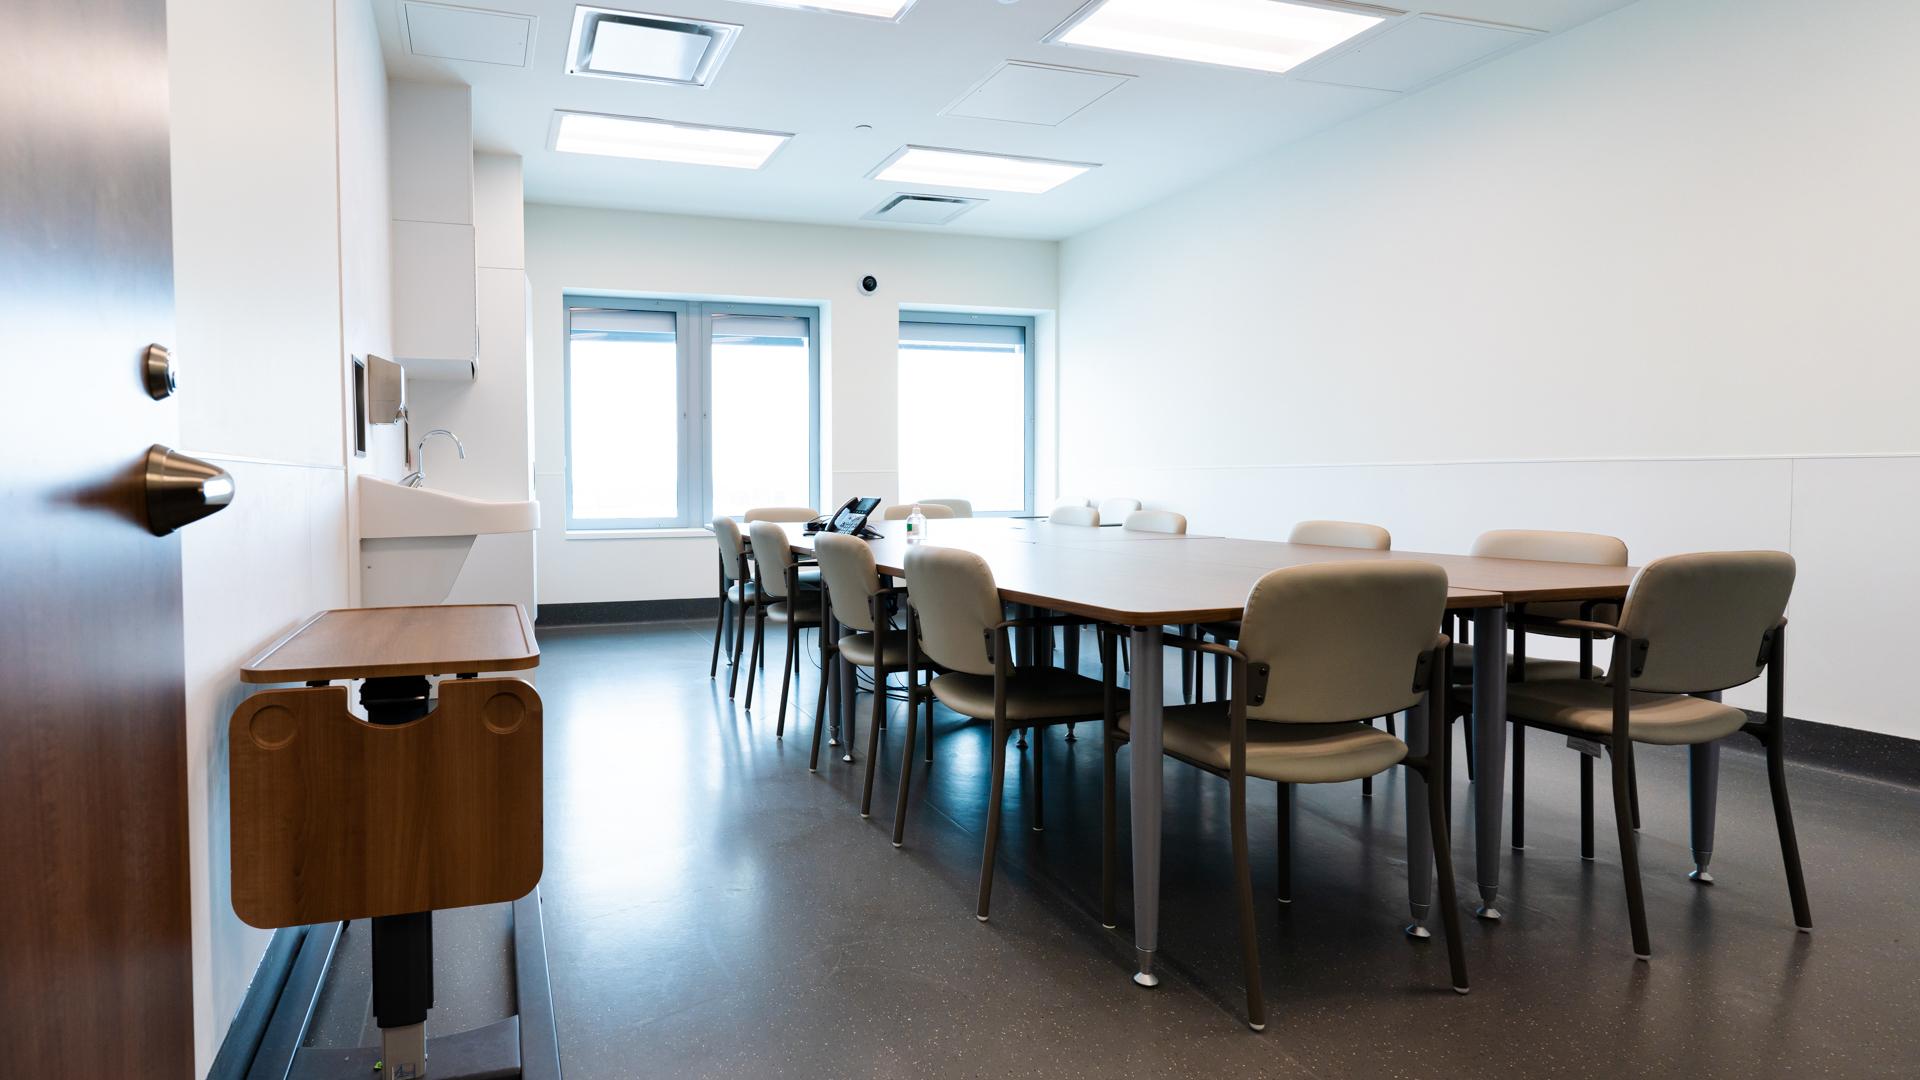 Meeting Room Mental Health